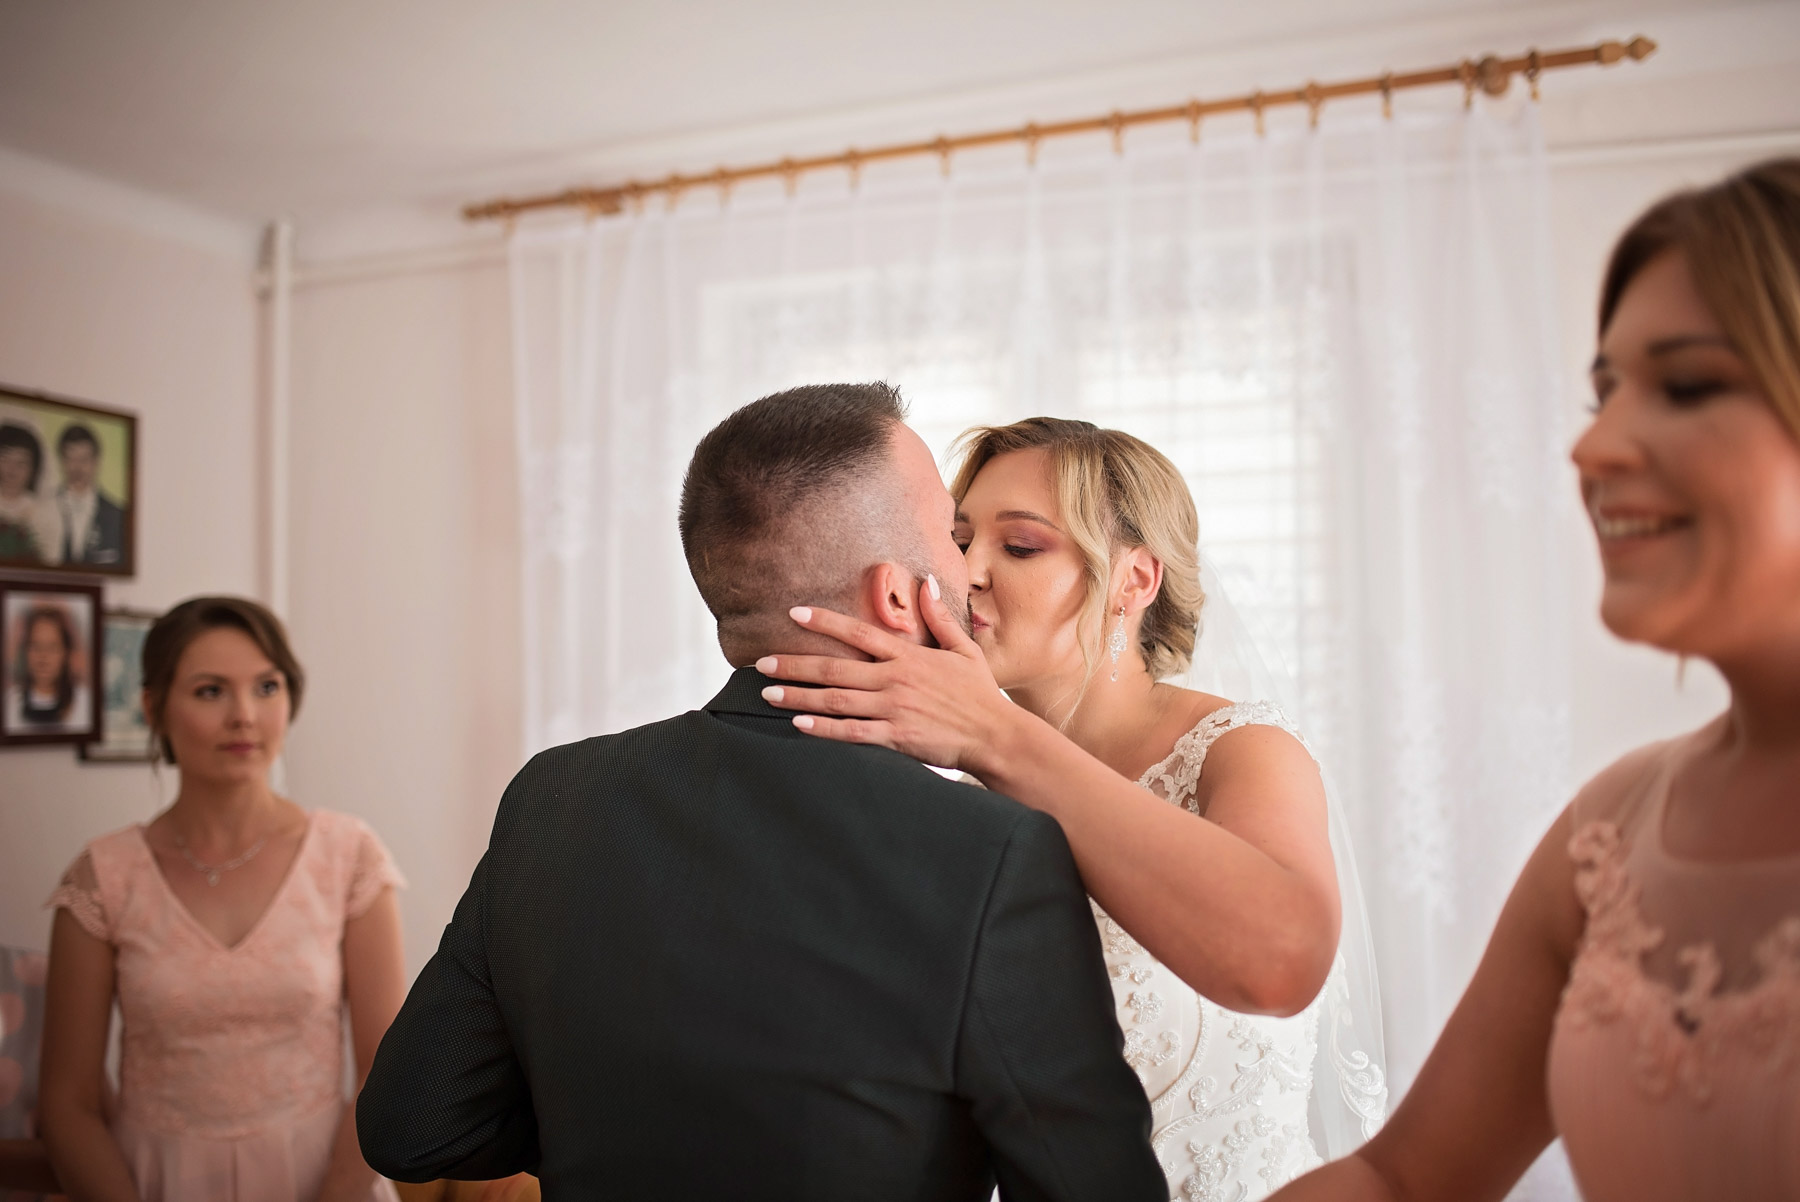 pierwszy-pocałunek-ślubny